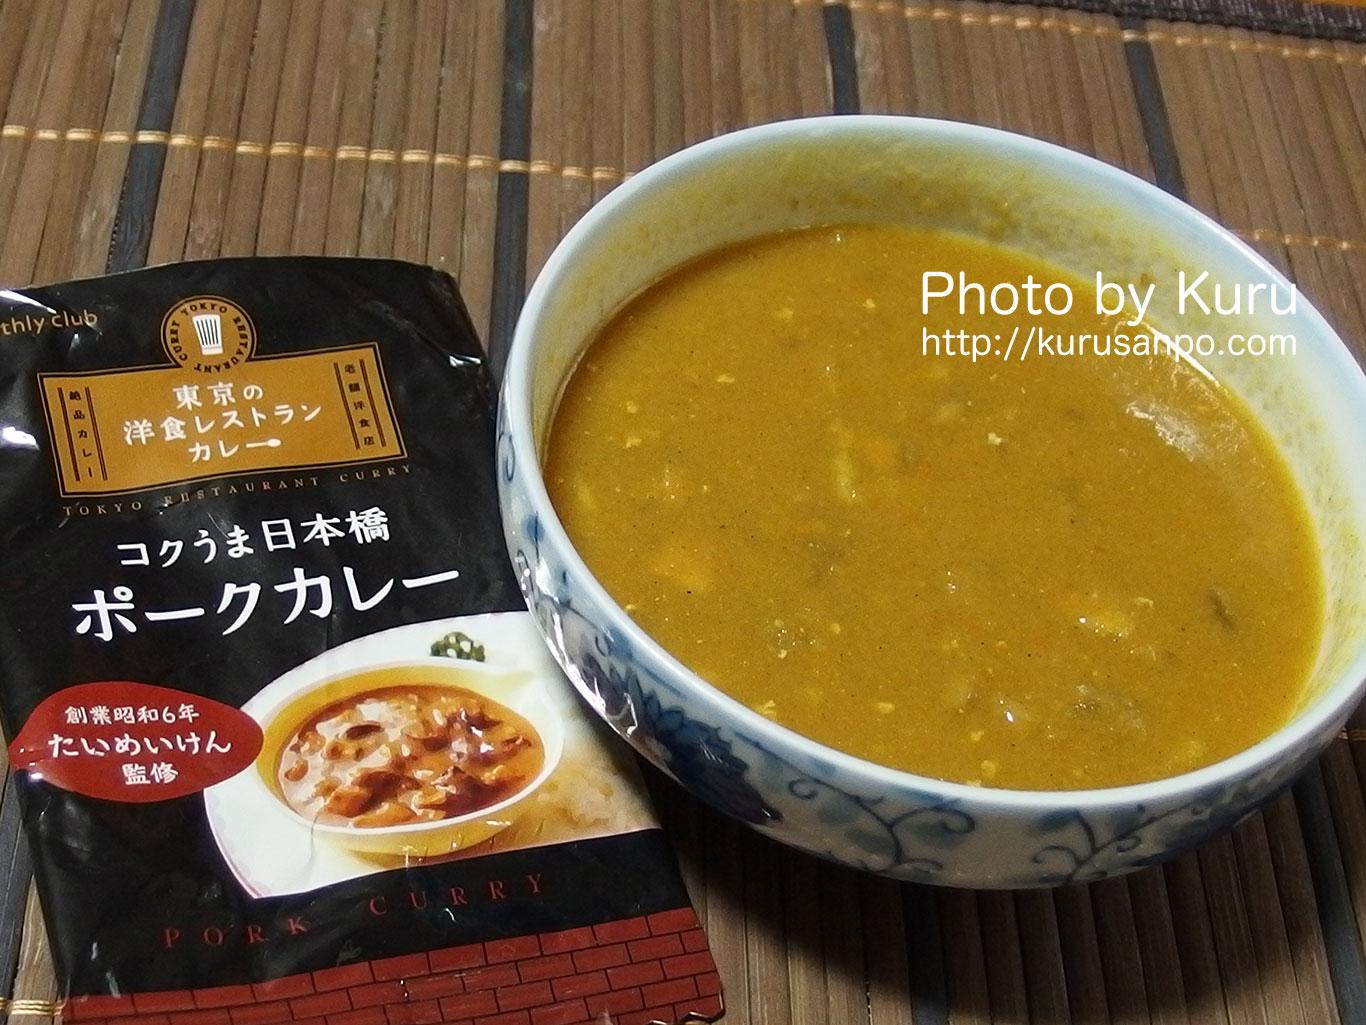 ベルメゾン・マンスリークラブの『東京の洋食レストランカレー』を食す!